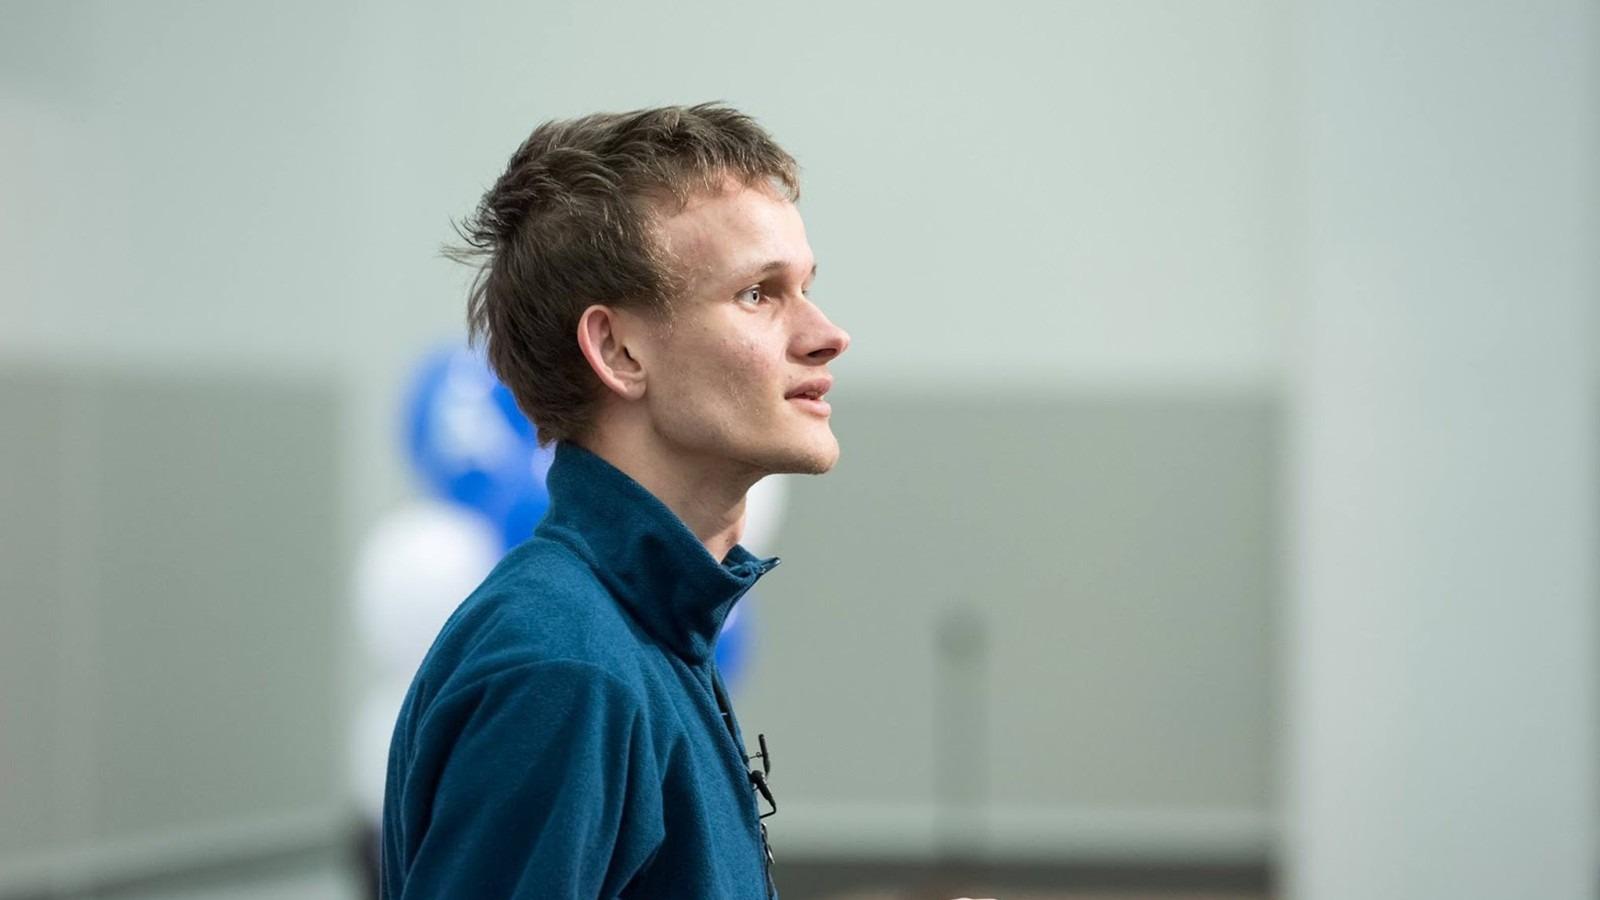 giá bitcoin: Vitalik Buterin công bố tầm nhìn cho Ethereum 2.0 trên Twitter